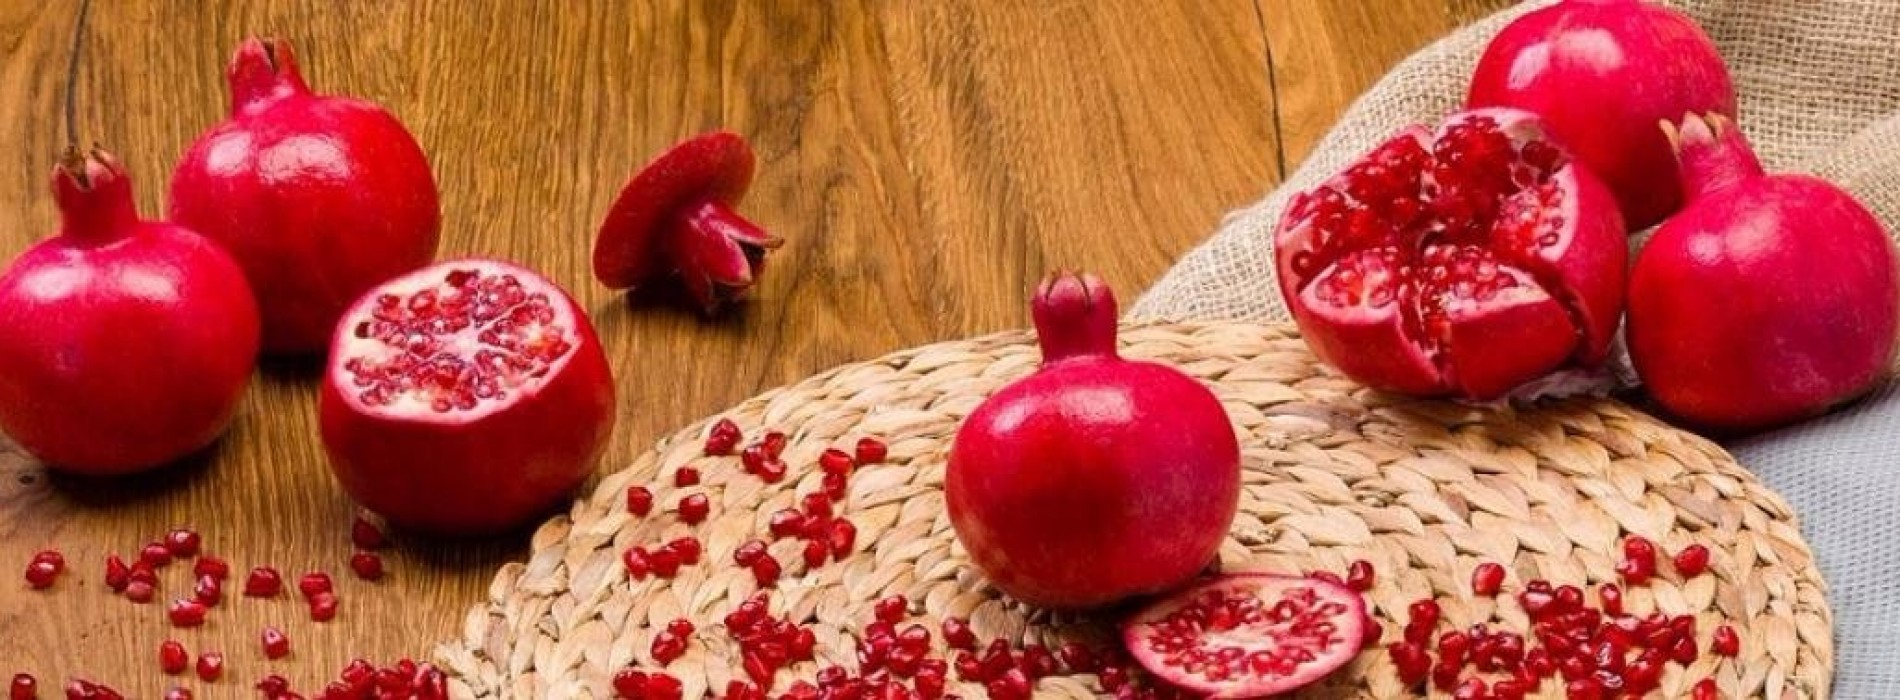 Eet granaatappels en veroudering stopt